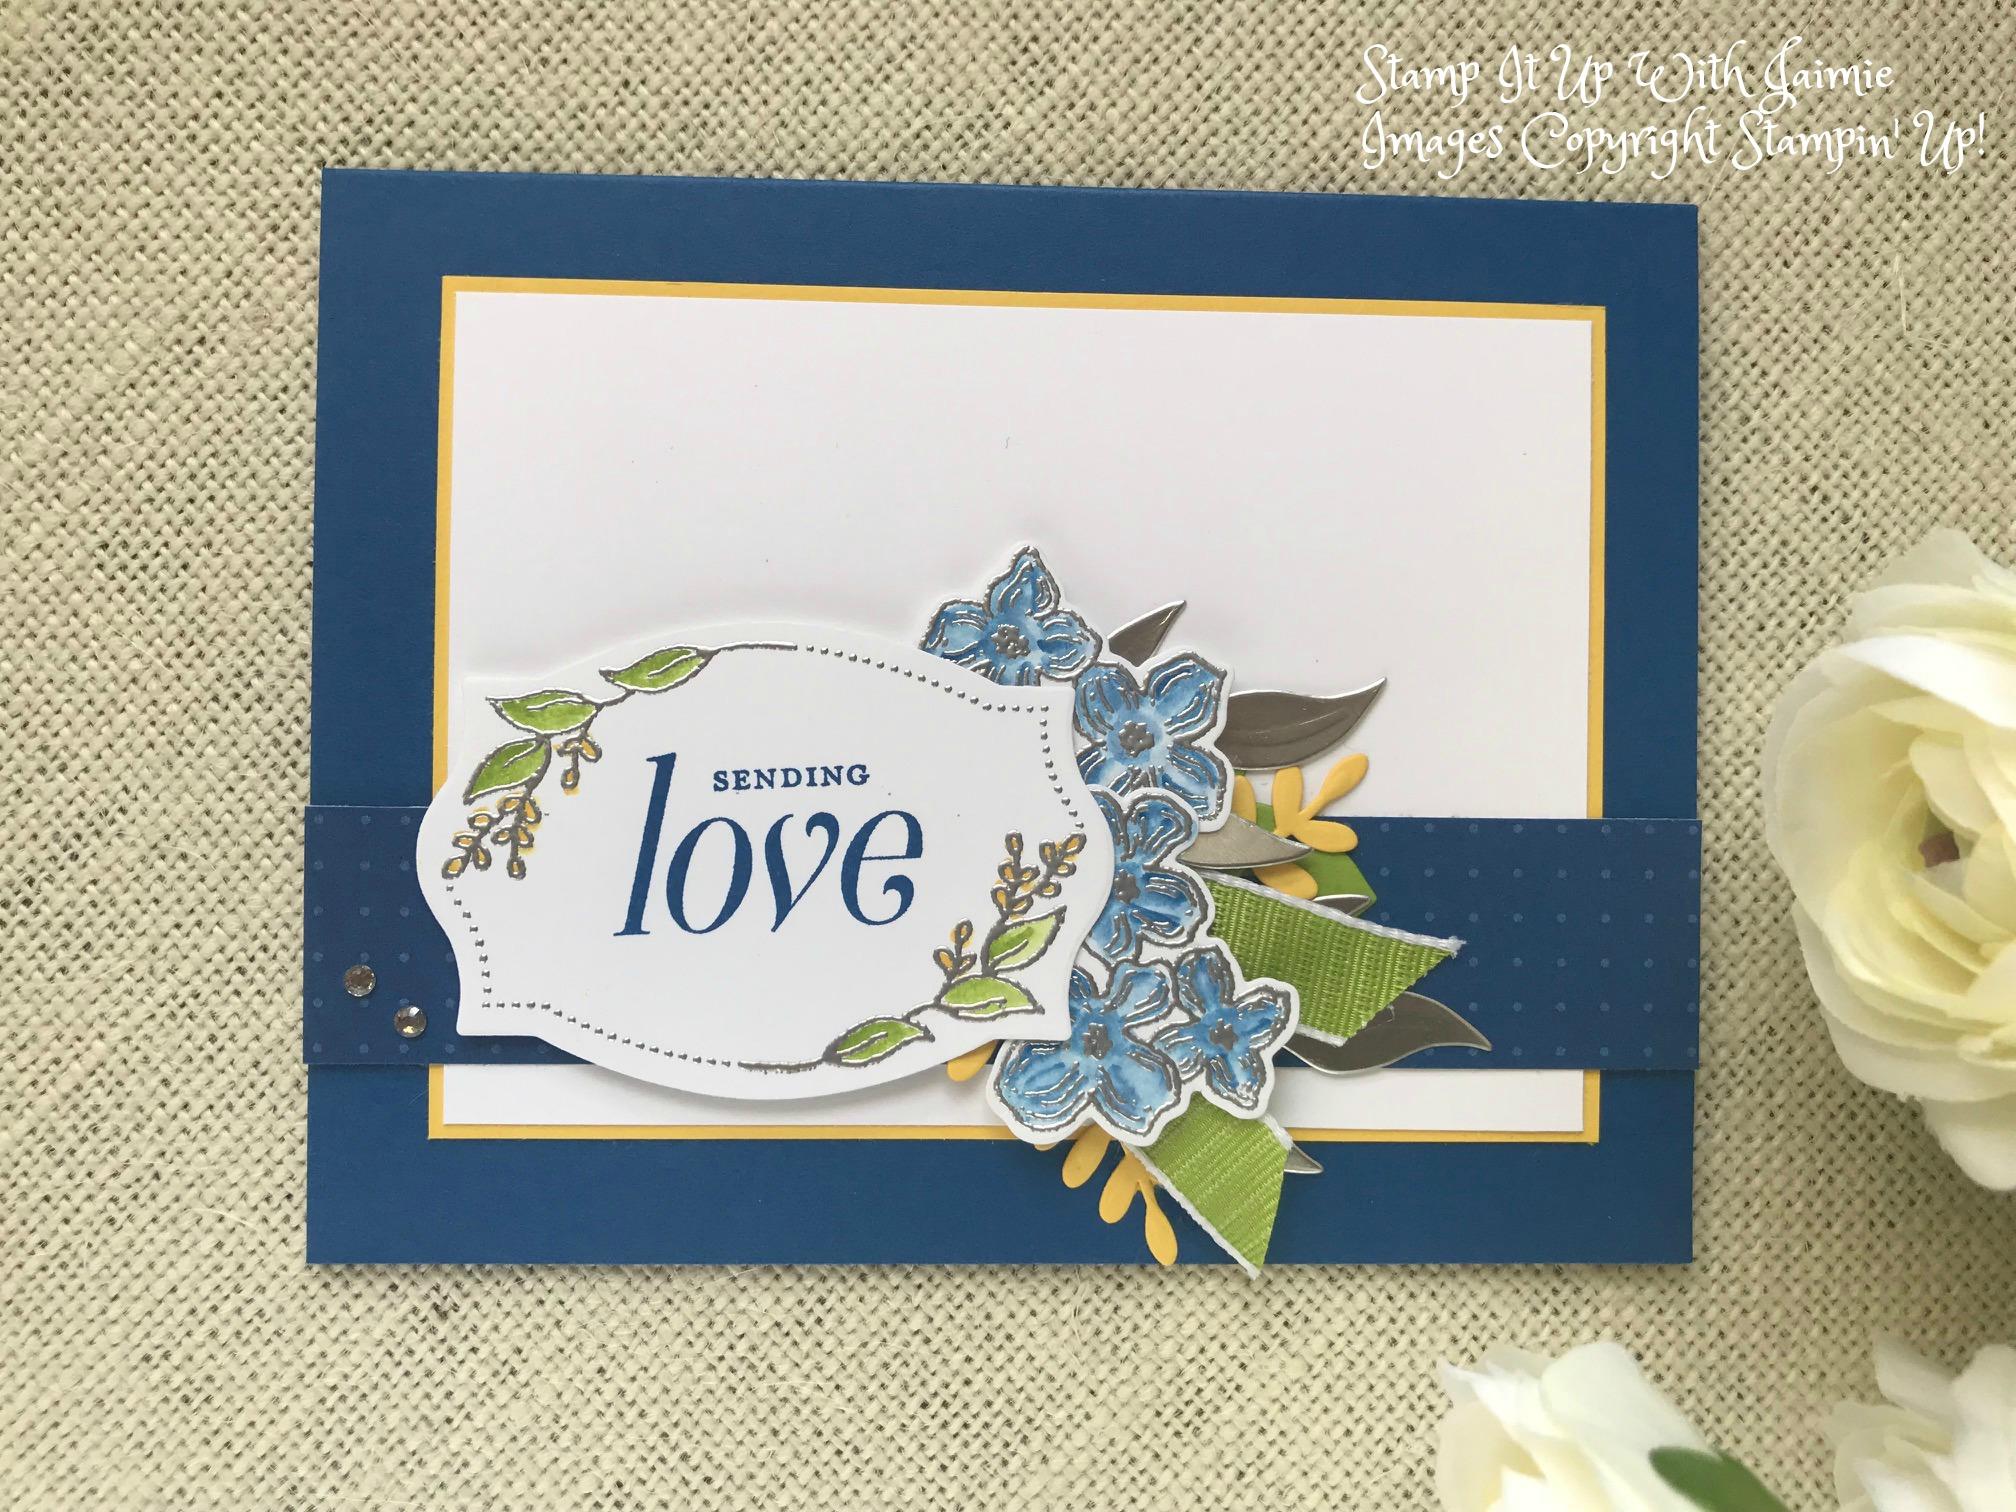 Stampin Up Floral Frames Sending Love Stamp It Up